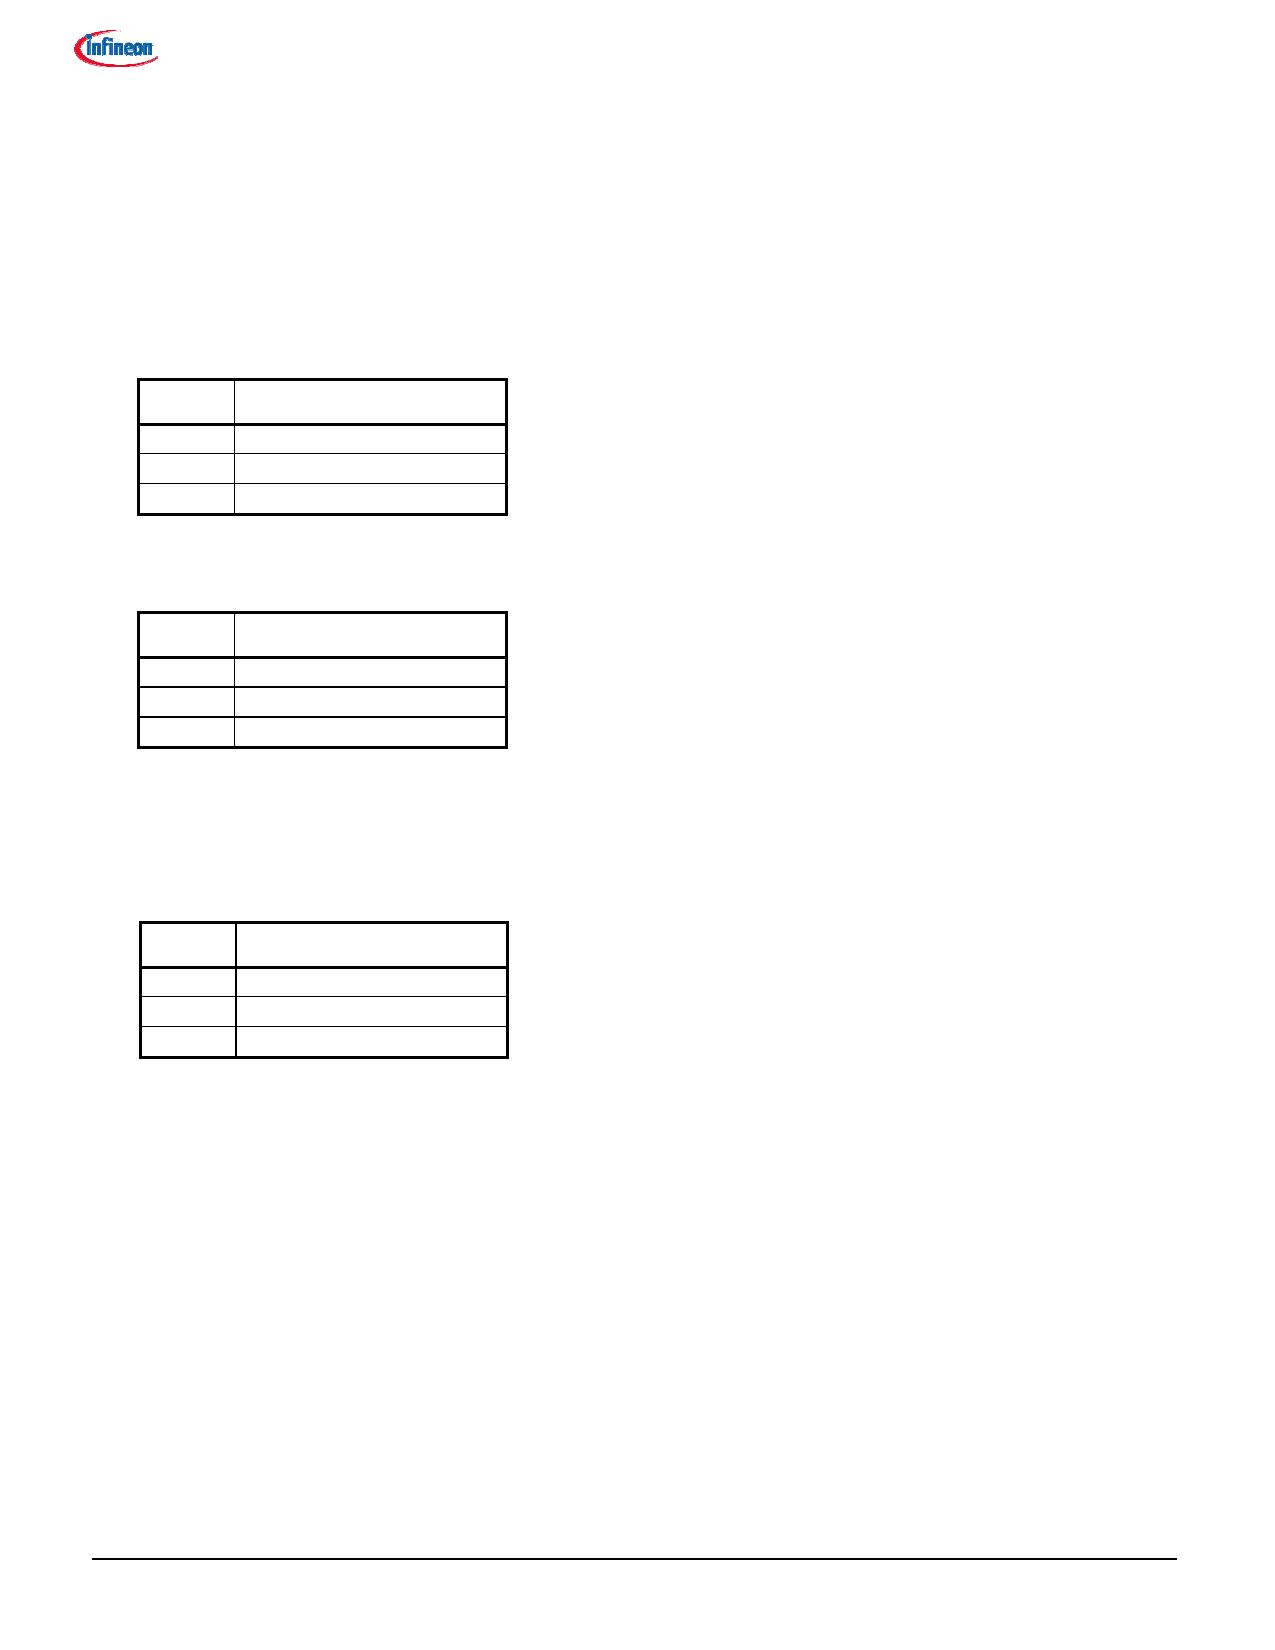 TDA21211 transistor, diode fet, igbt, scr